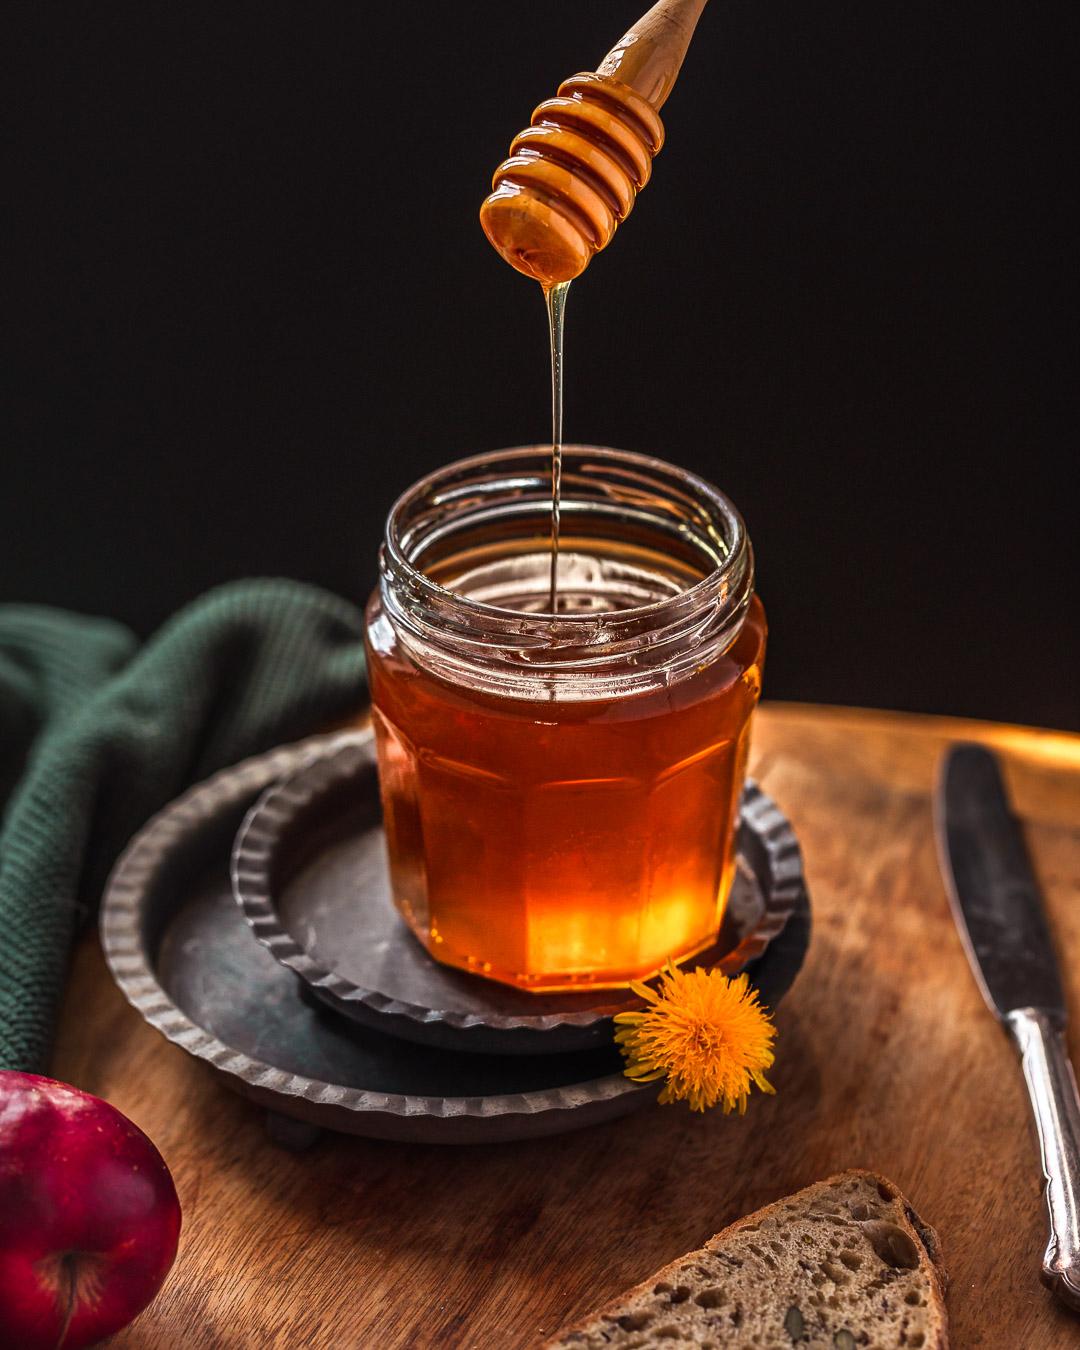 Miel de pissenlit (cramaillotte)